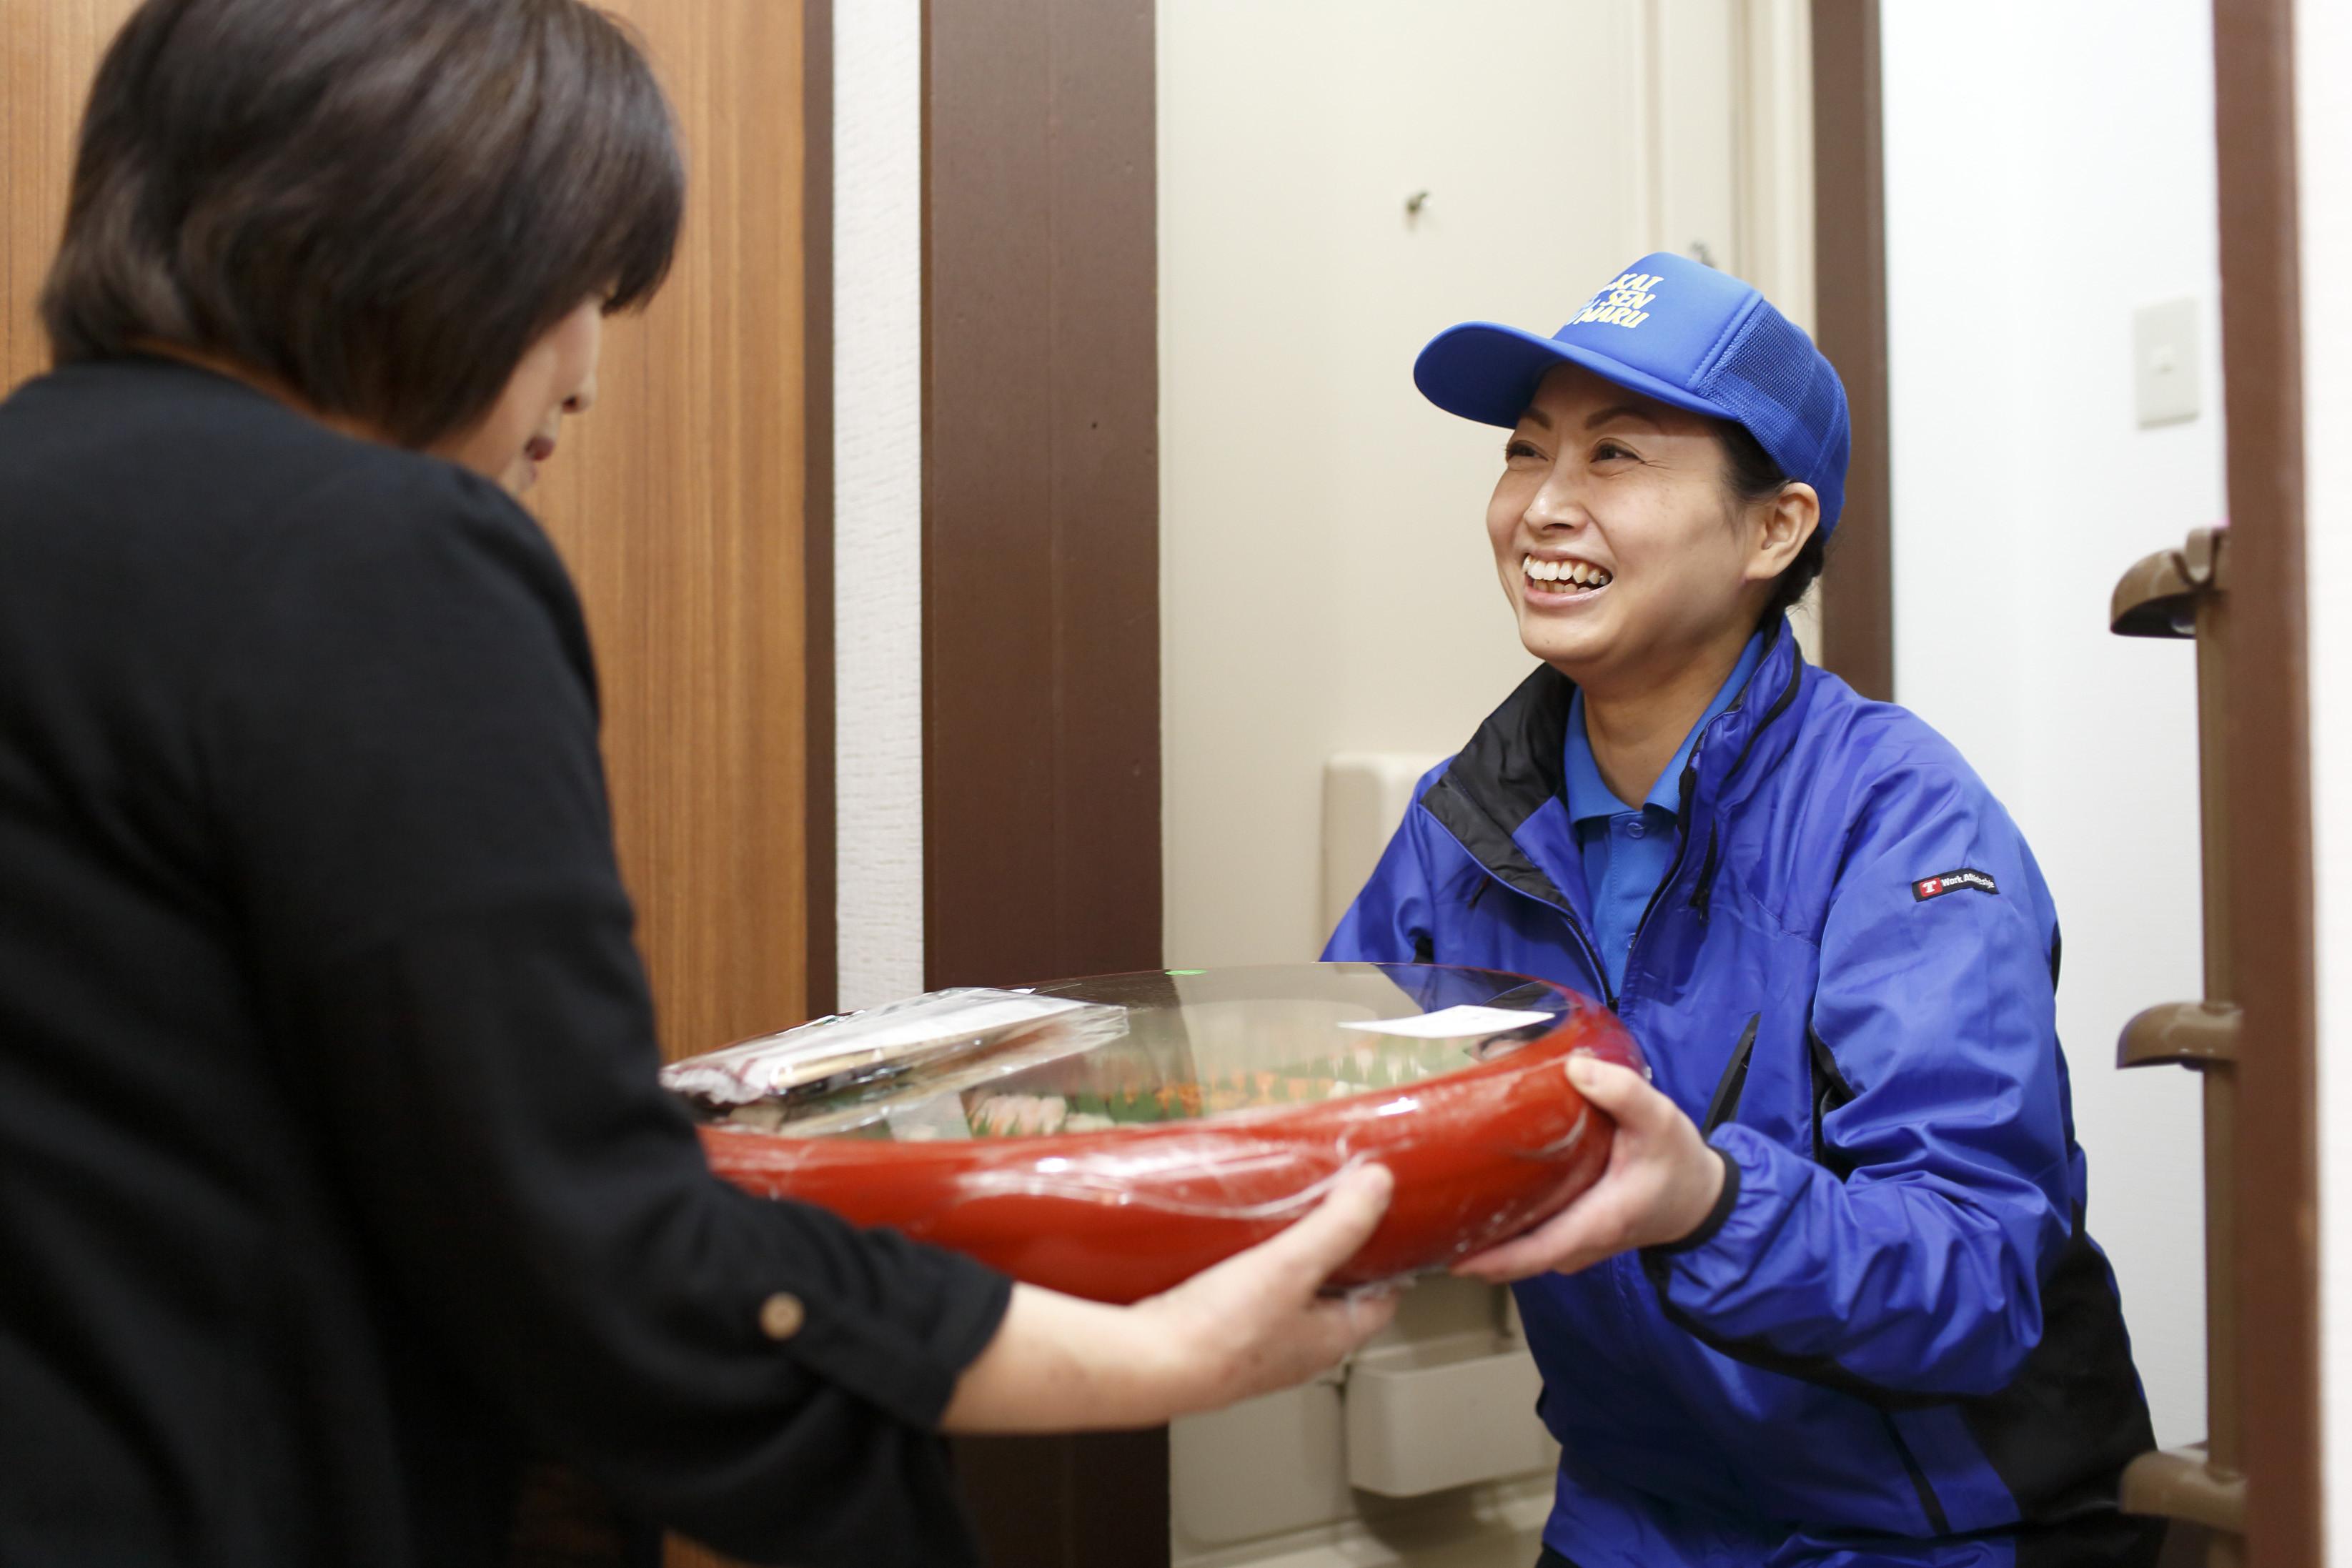 札幌海鮮丸 伊達店 デリバリー(配達)スタッフのアルバイト情報